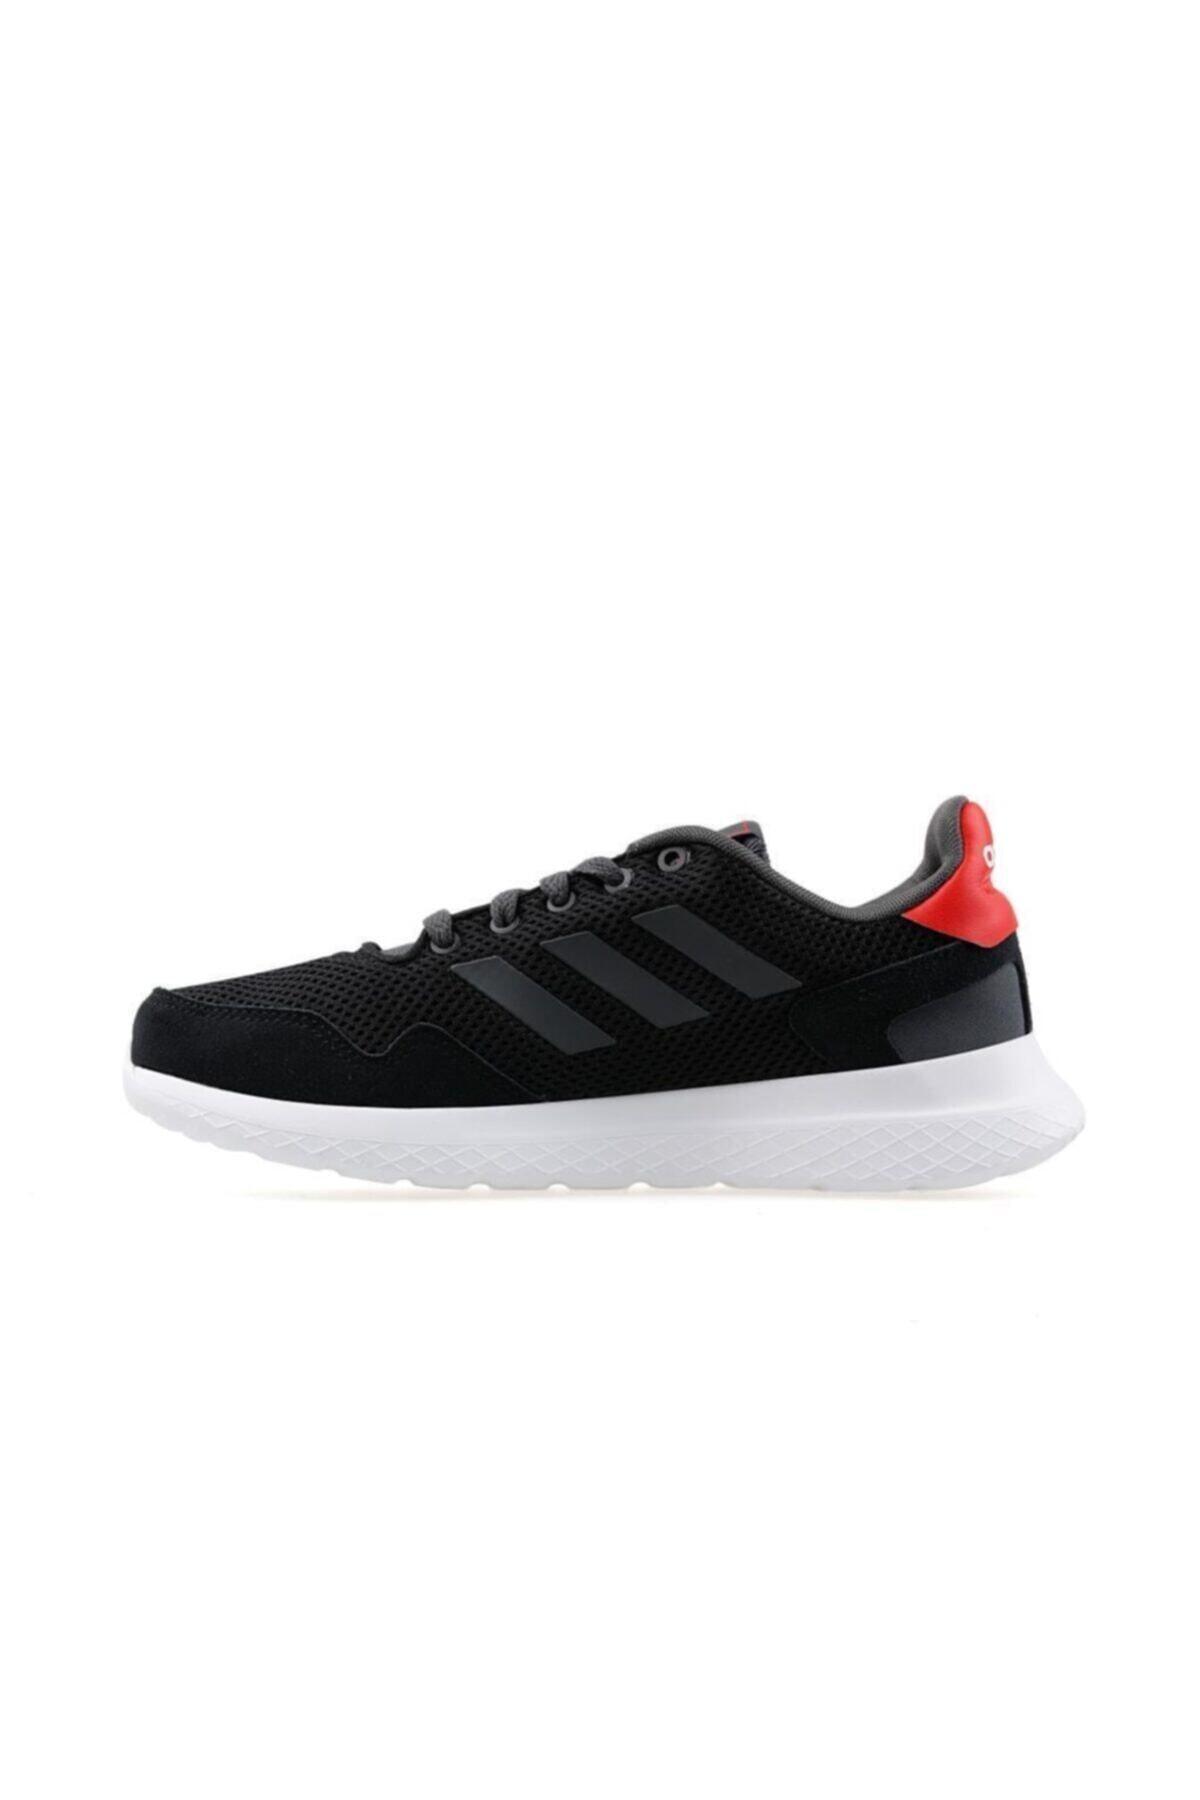 adidas ARCHIVO Siyah Erkek Koşu Ayakkabısı 100479444 2